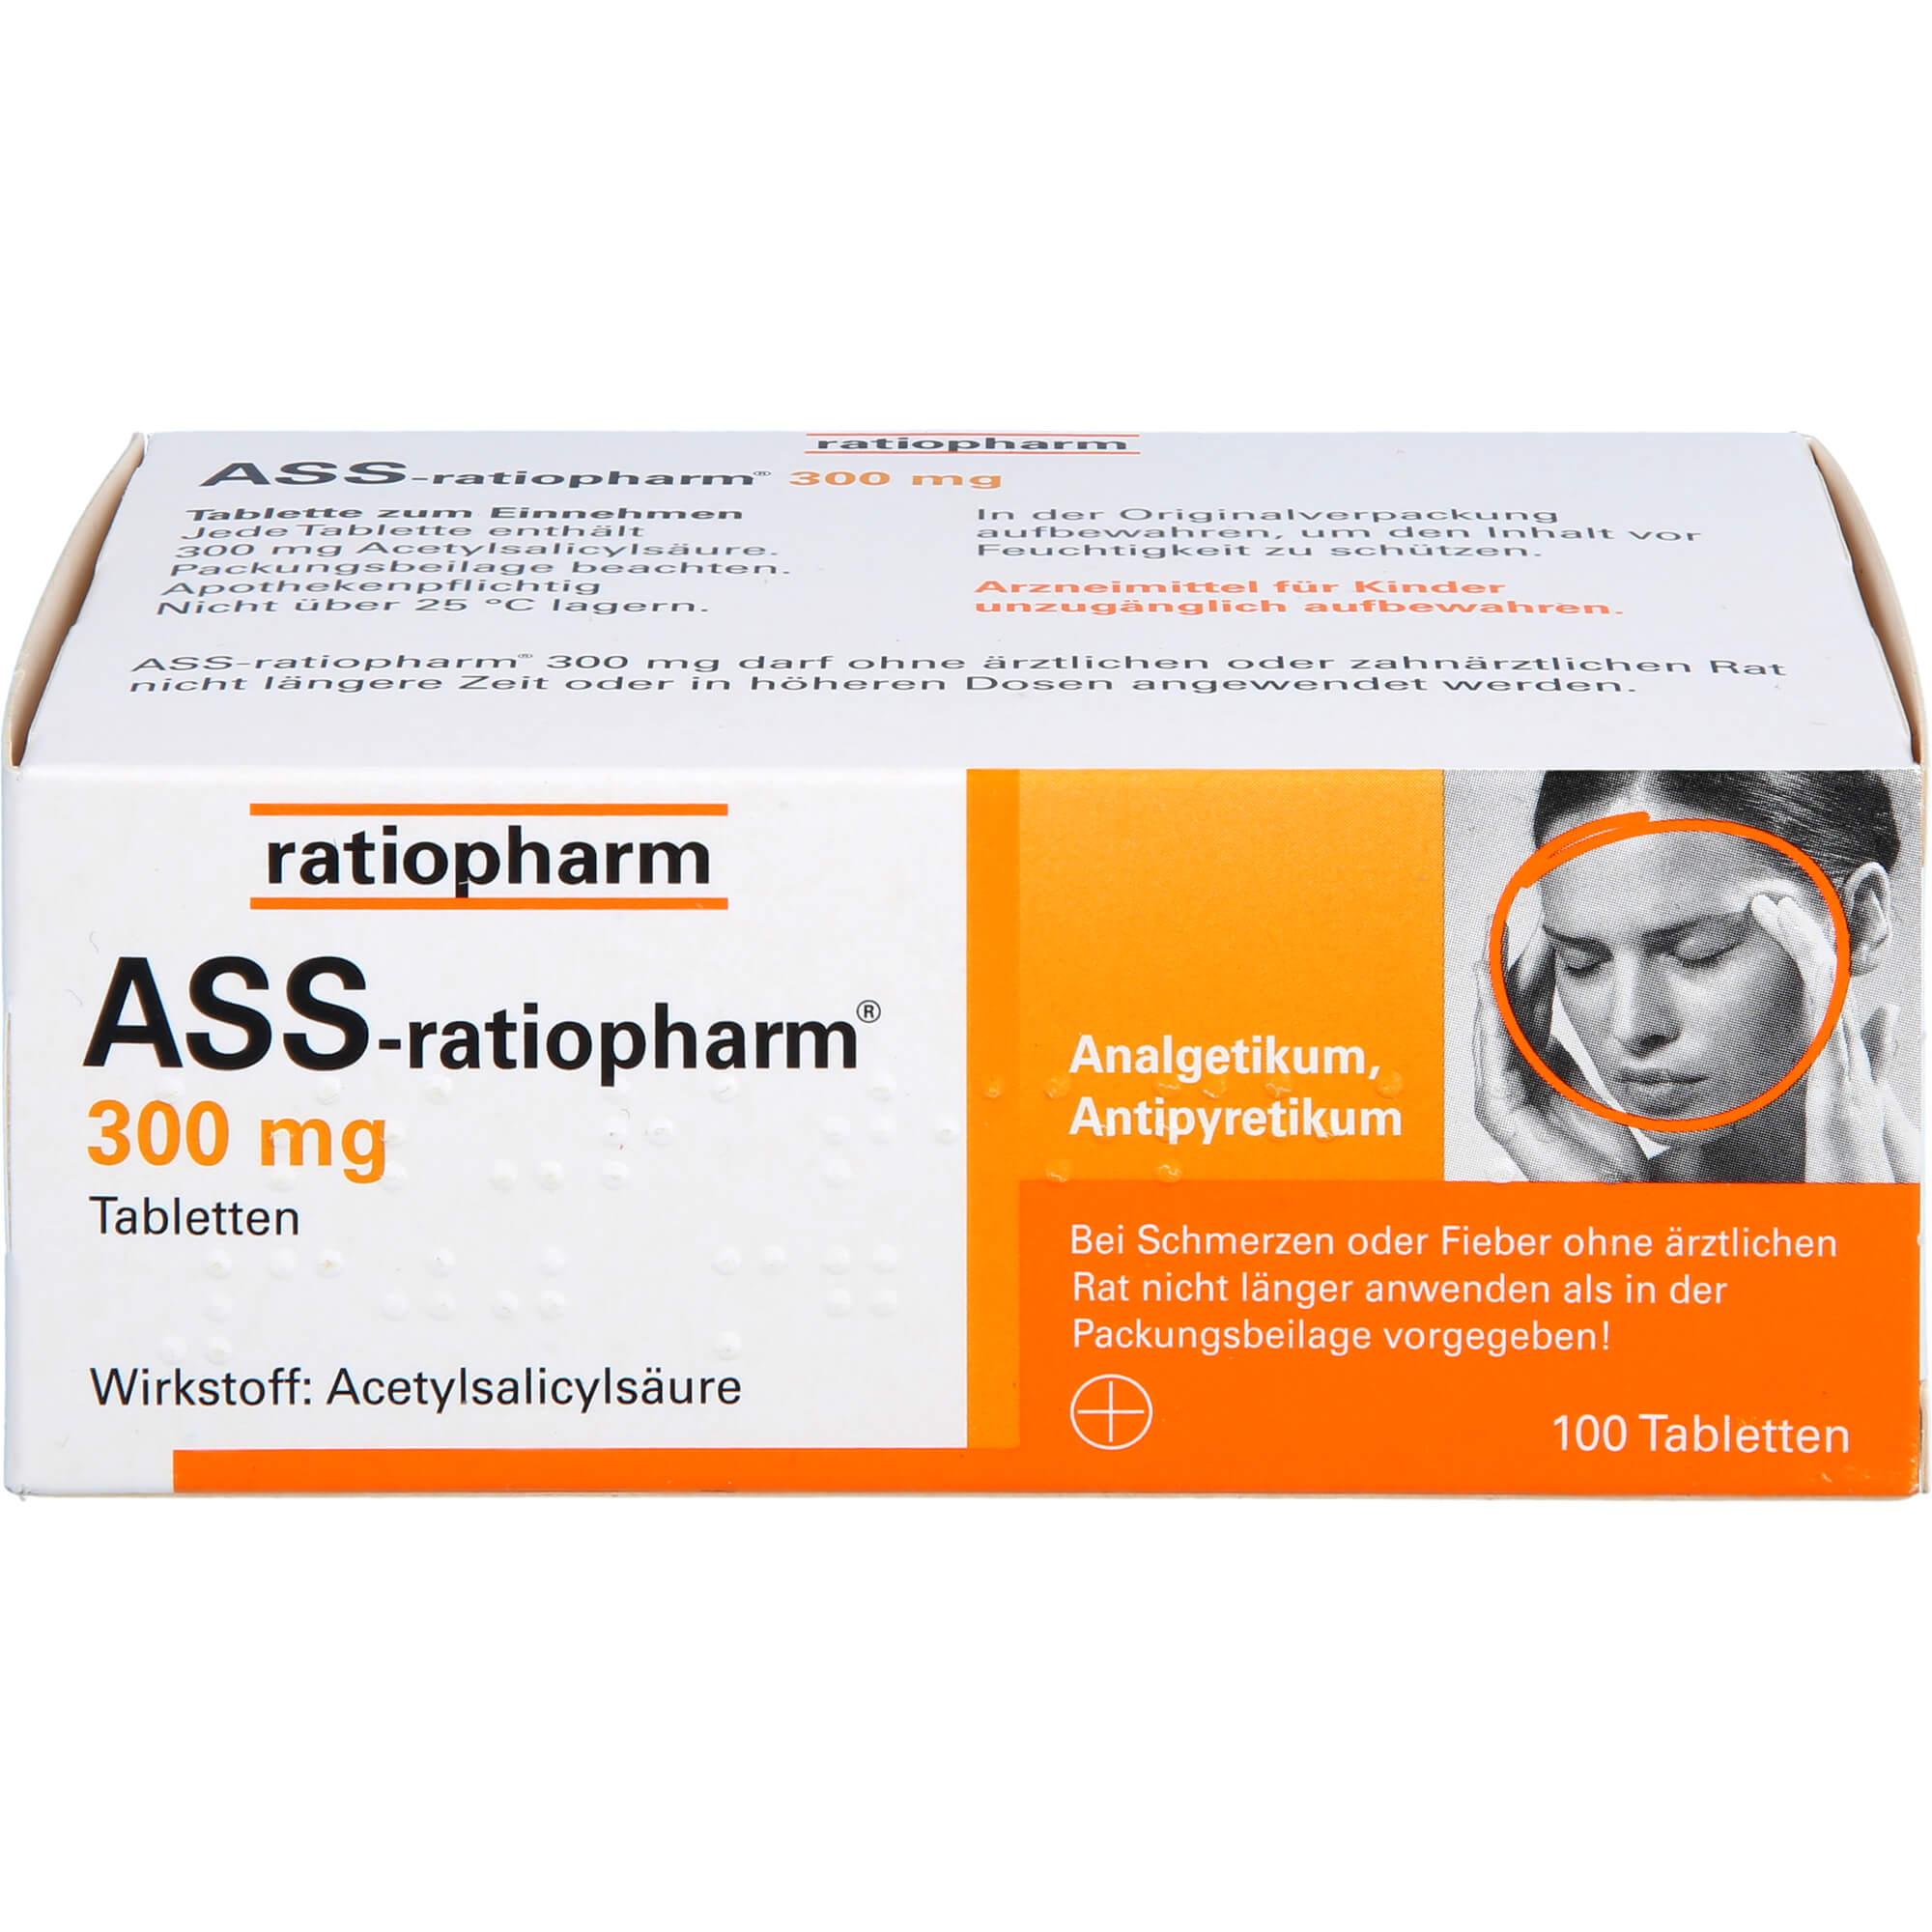 ASS-ratiopharm 300 mg Tabletten